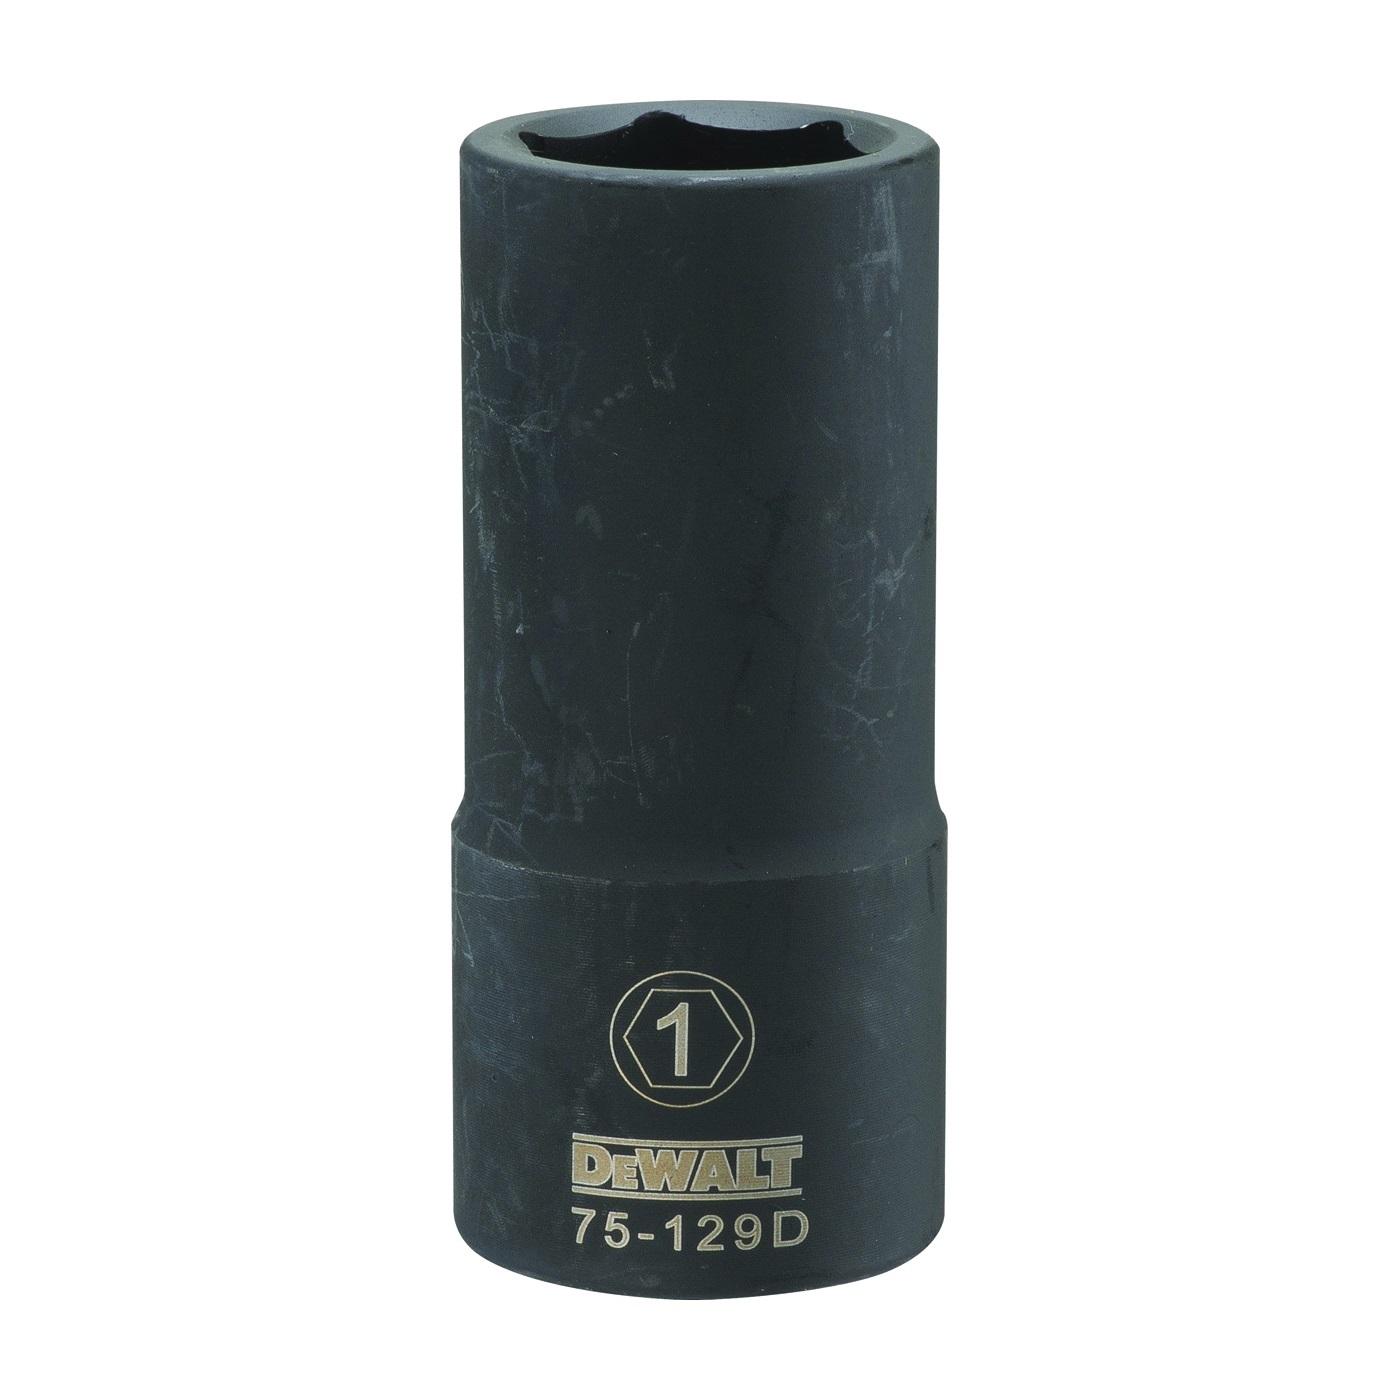 Picture of DeWALT DWMT75129OSP Impact Socket, 1 in Socket, 3/4 in Drive, 6 -Point, CR-440 Steel, Black Oxide